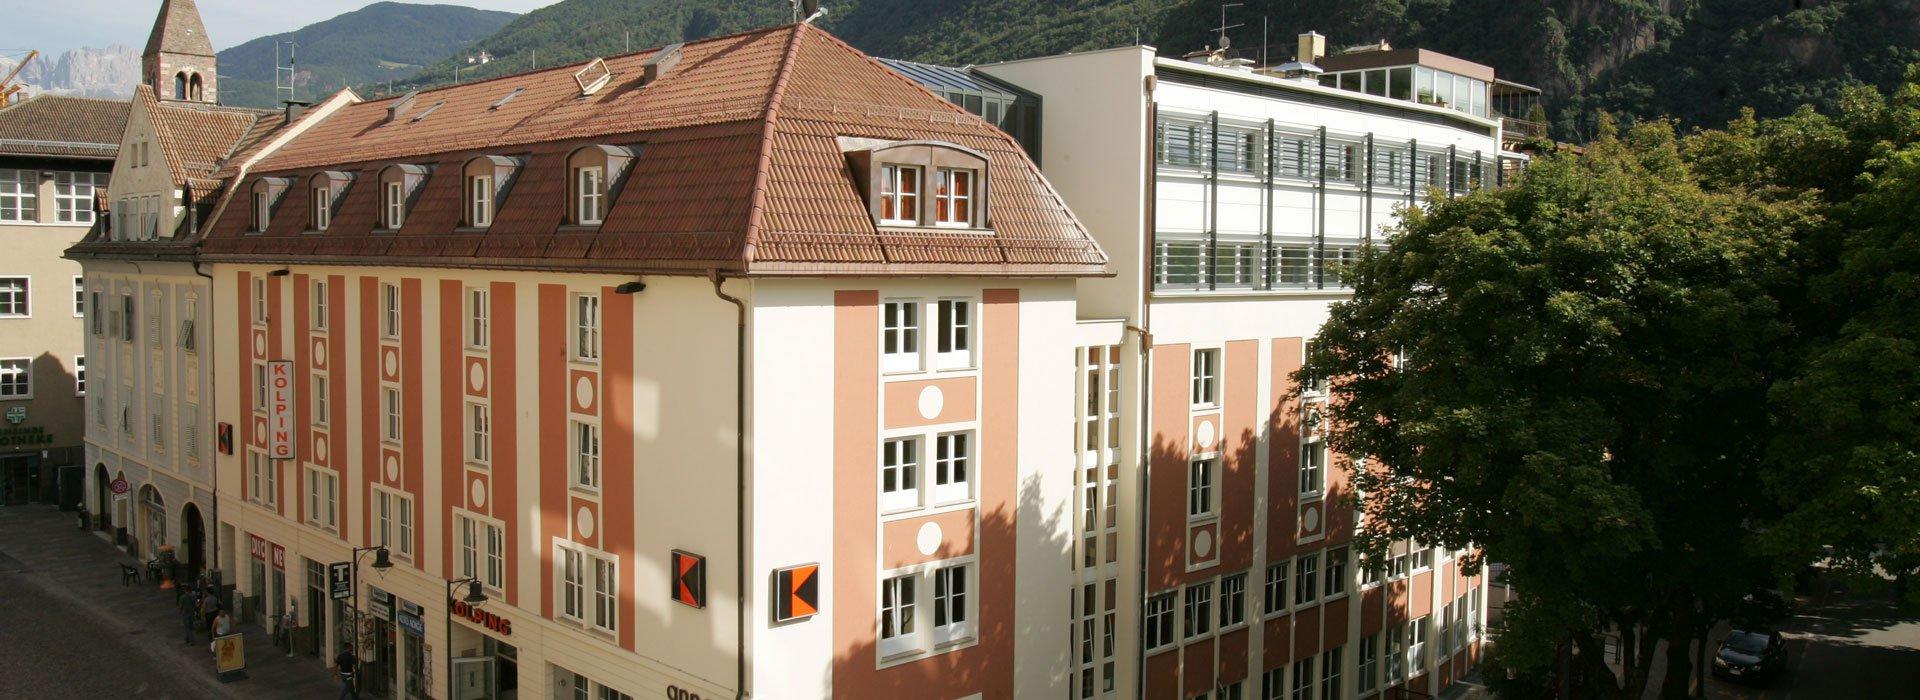 hotel-bozen-kolpinghaus-1